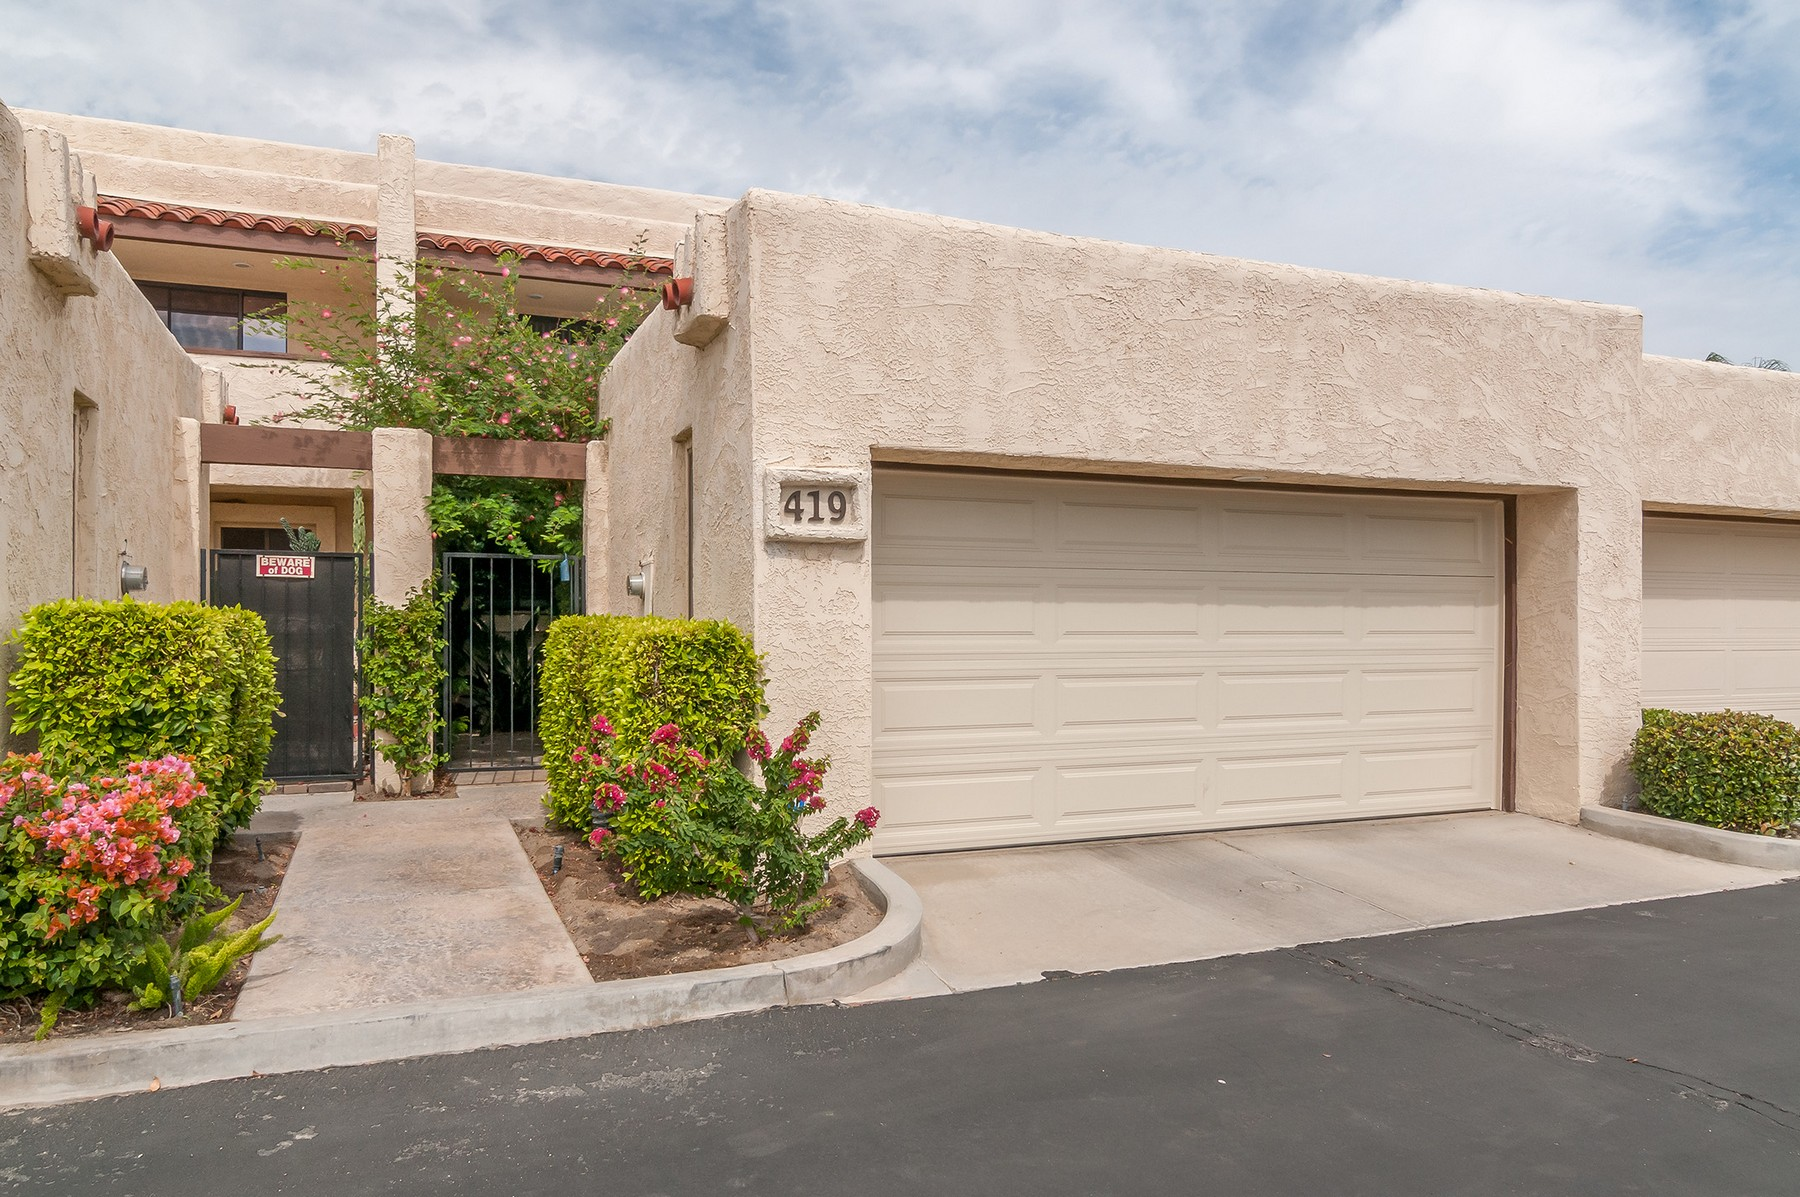 共管式独立产权公寓 为 销售 在 419 N Calle Alvarado Palm Springs, 加利福尼亚州 92262 美国